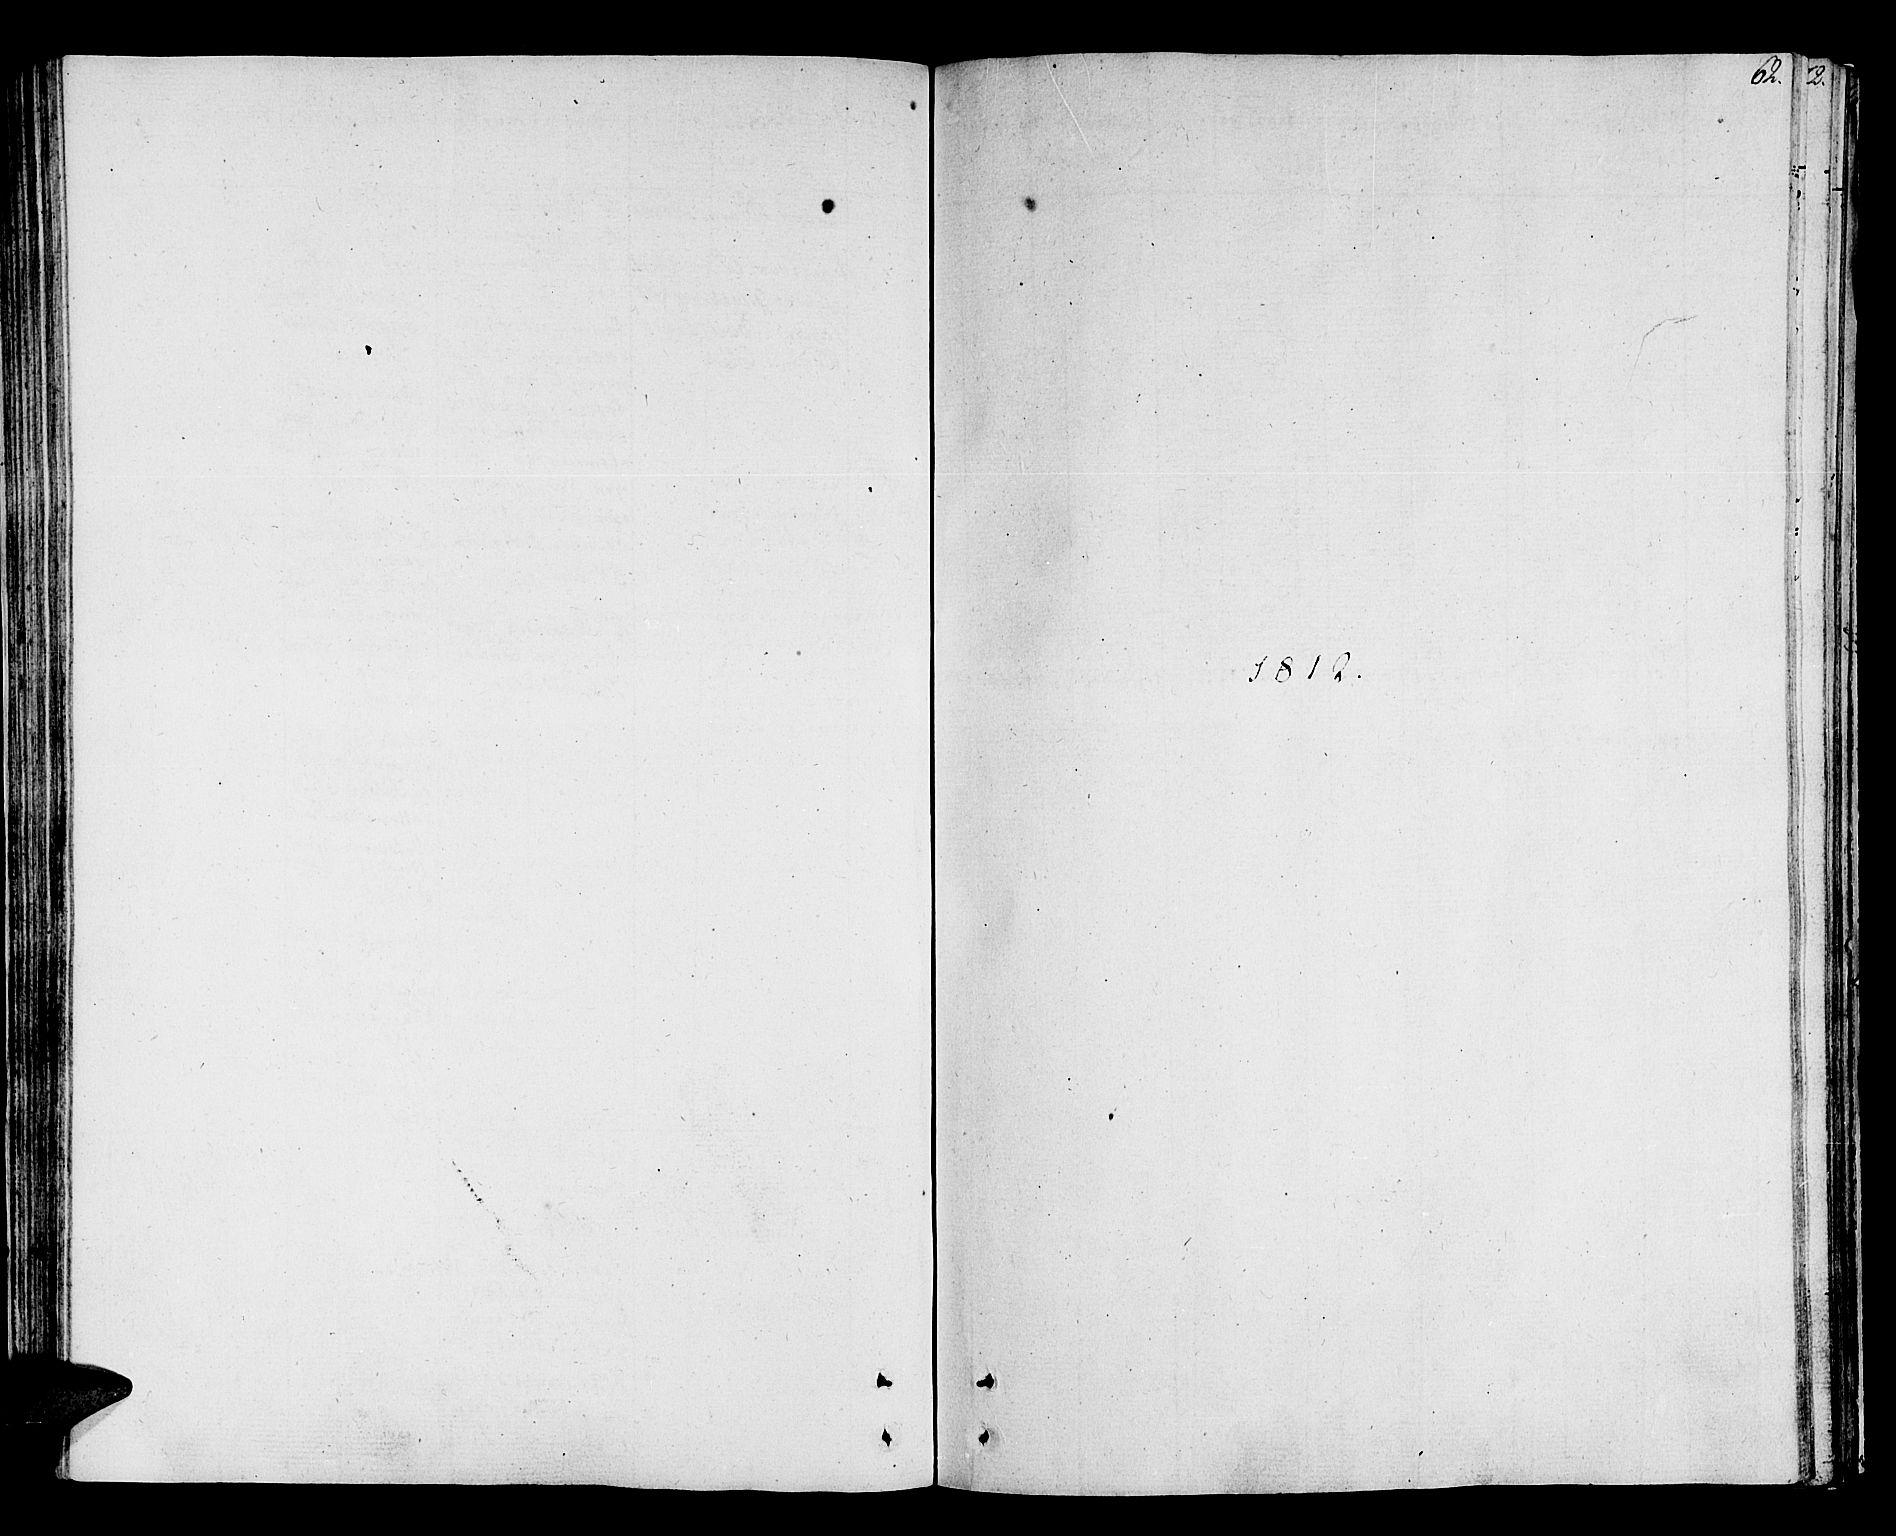 SAT, Ministerialprotokoller, klokkerbøker og fødselsregistre - Sør-Trøndelag, 678/L0894: Ministerialbok nr. 678A04, 1806-1815, s. 62